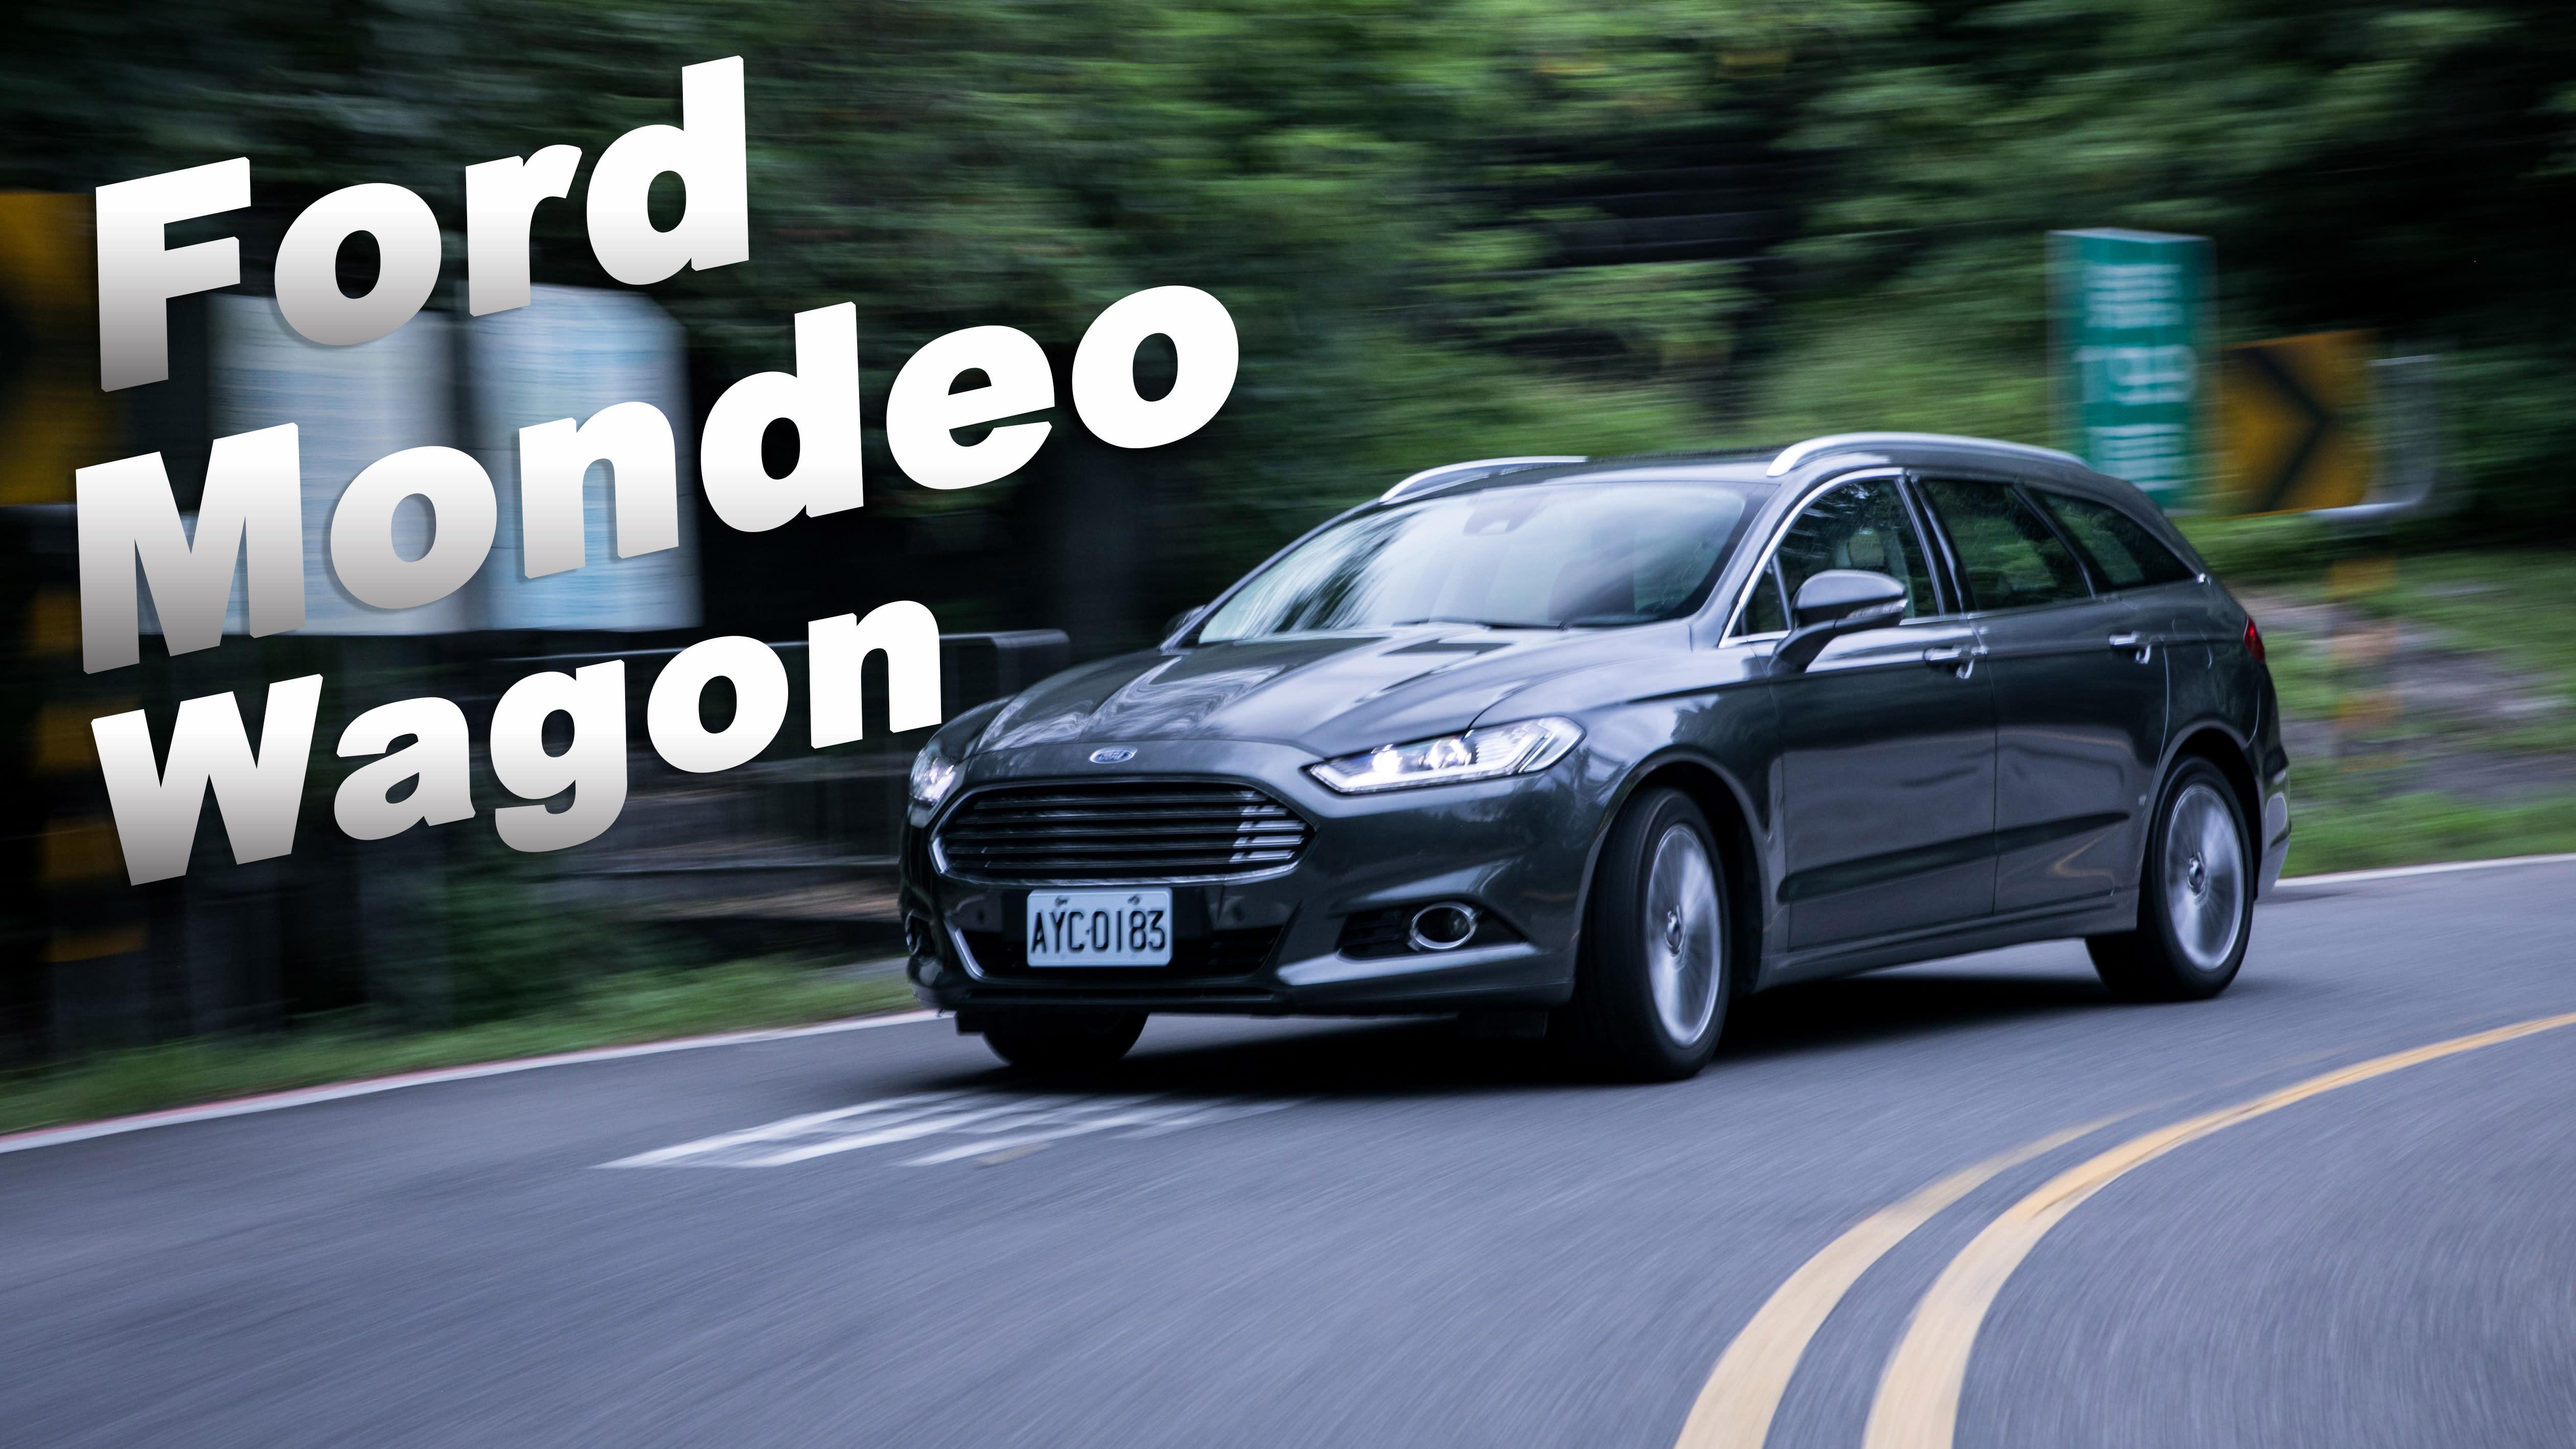 碗公加身 近乎完美|Ford Mondeo Wagon